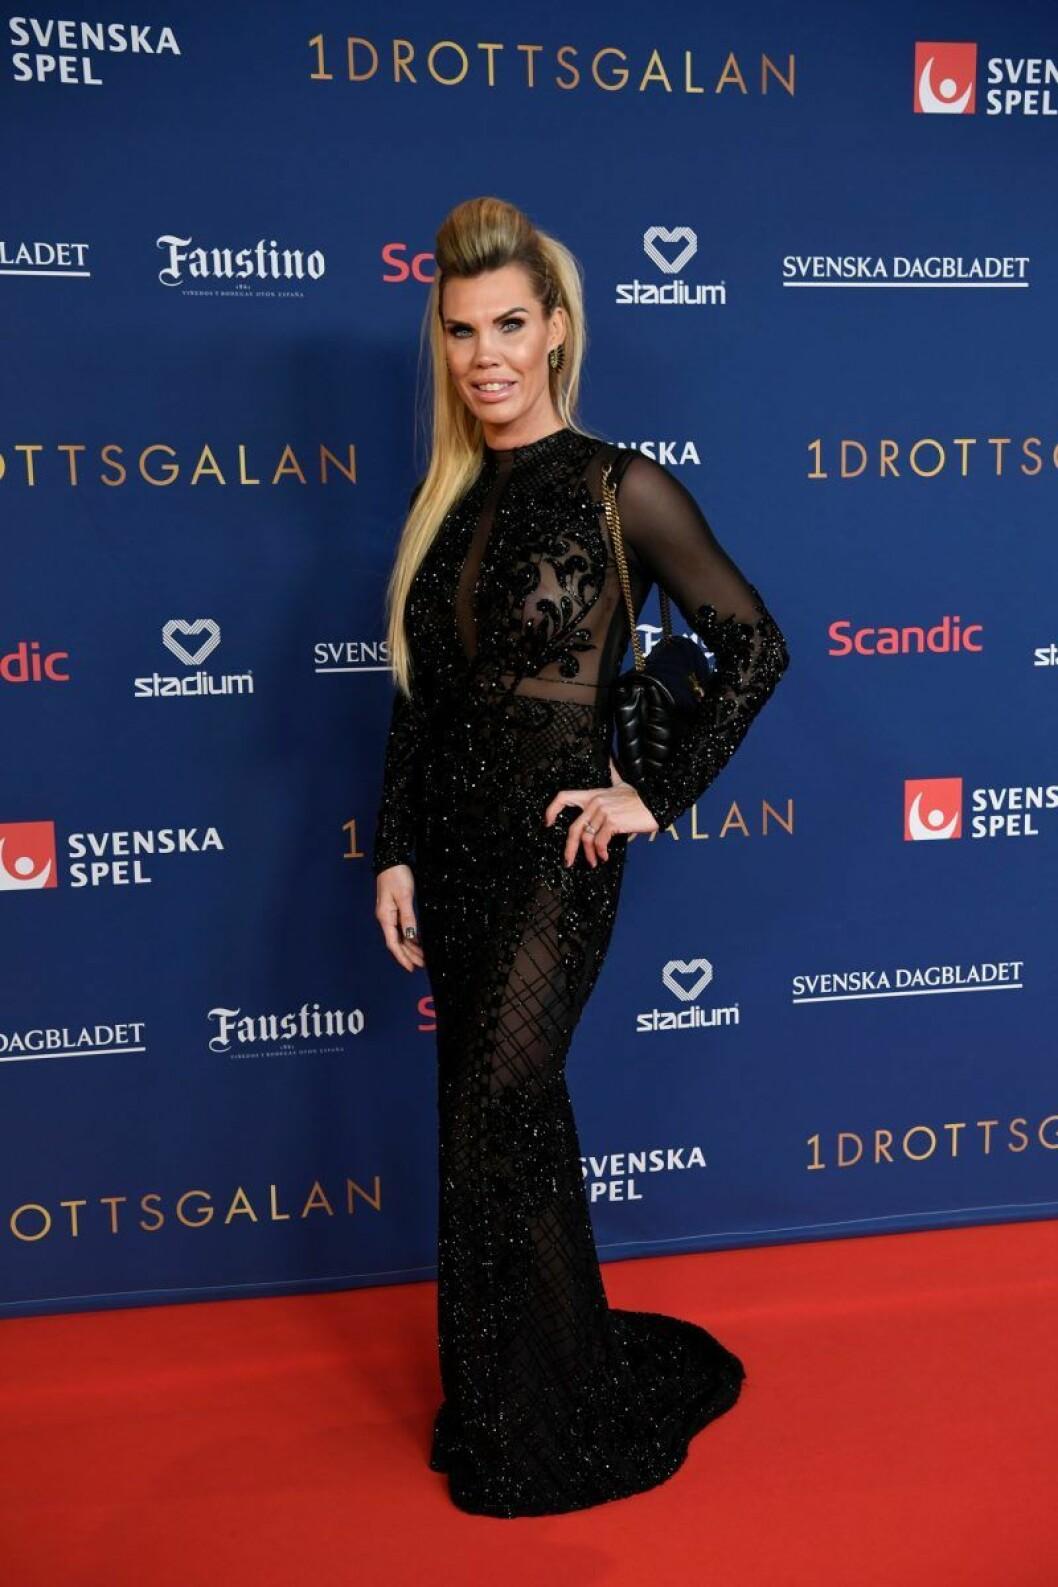 Mikaela Laurén på röda mattan på Idrottsgalan 2020